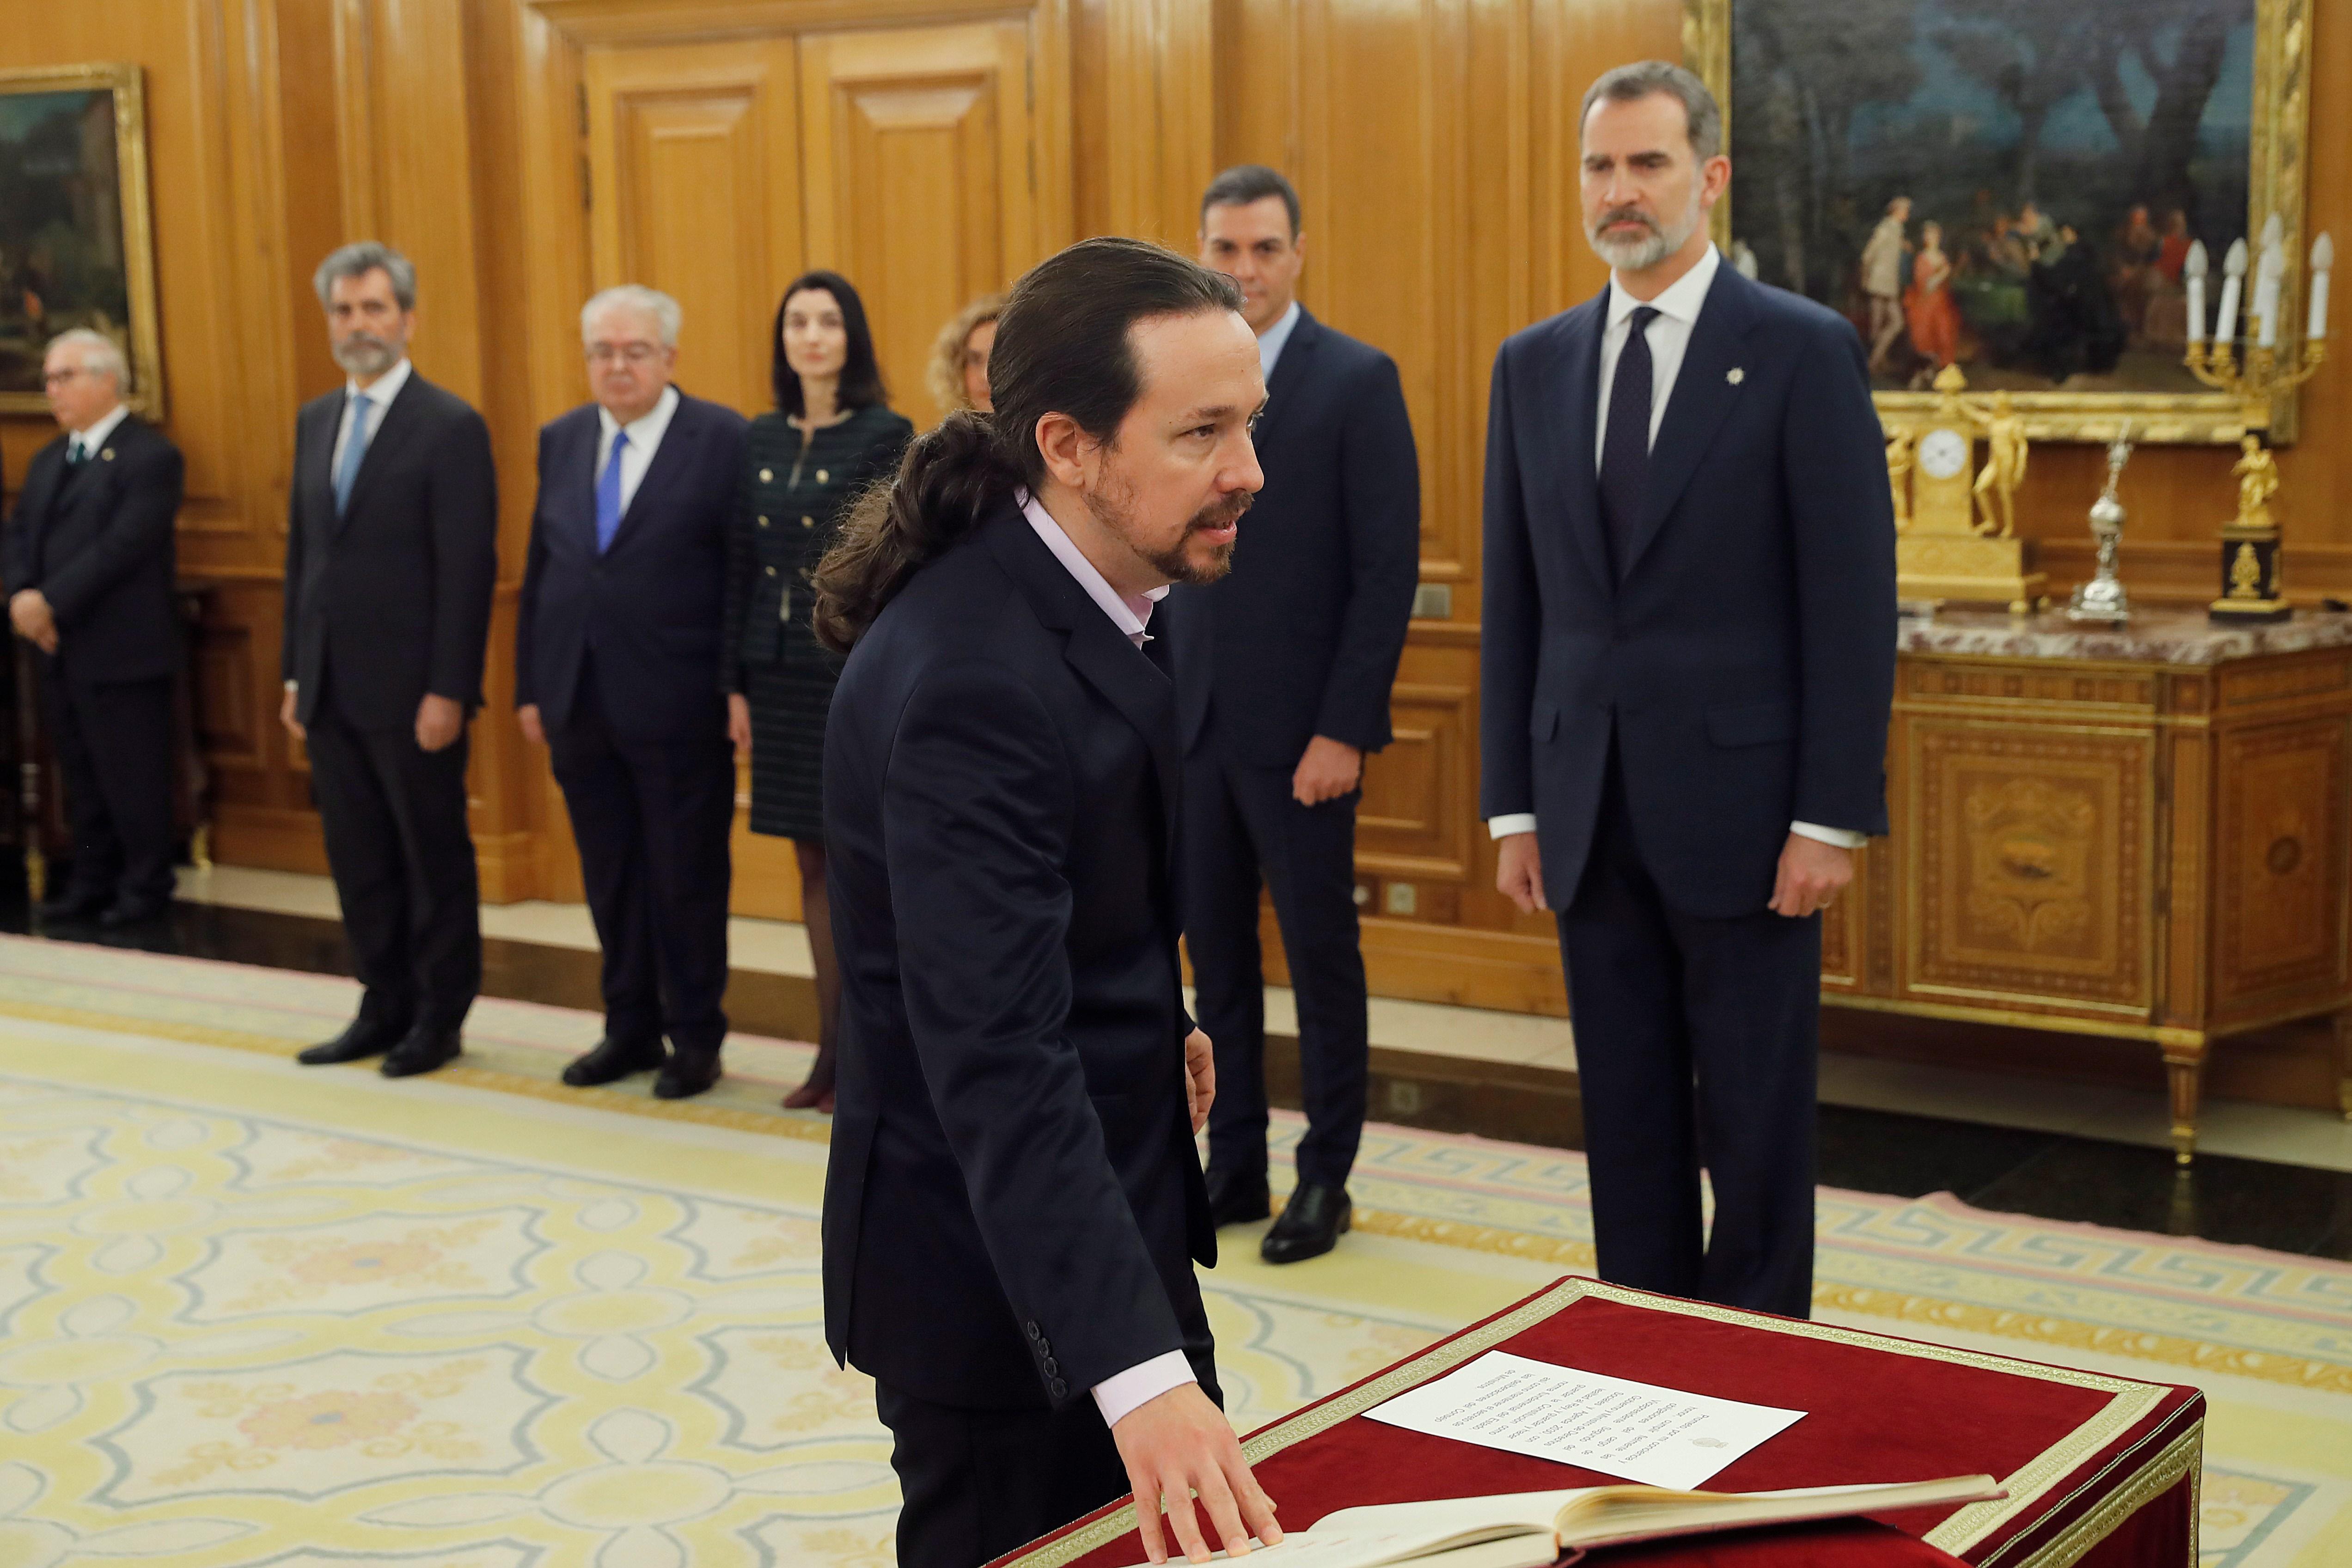 El nuevo vicepresidente de Derechos Sociales y Agenda 2030 Pablo Iglesias jura o promete su cargo ante el Rey Felipe VI en el Palacio de la Zarzuela de Madrid a 13 de enero de 2020